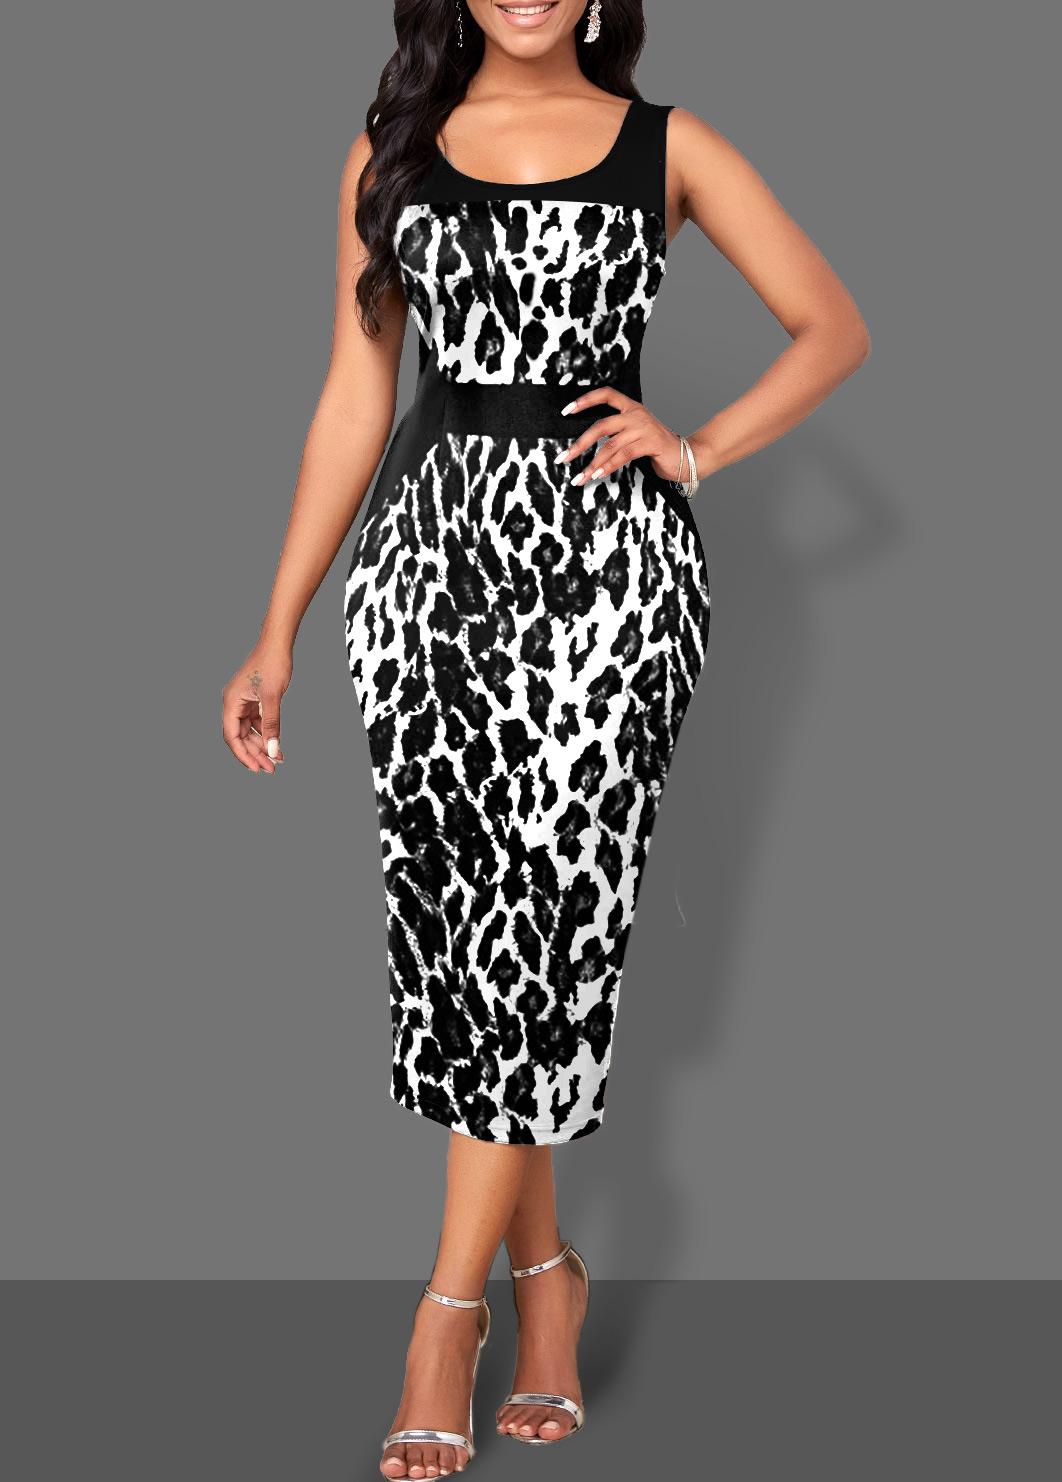 ROTITA Wide Strap Leopard Bodycon Monochrome Dress